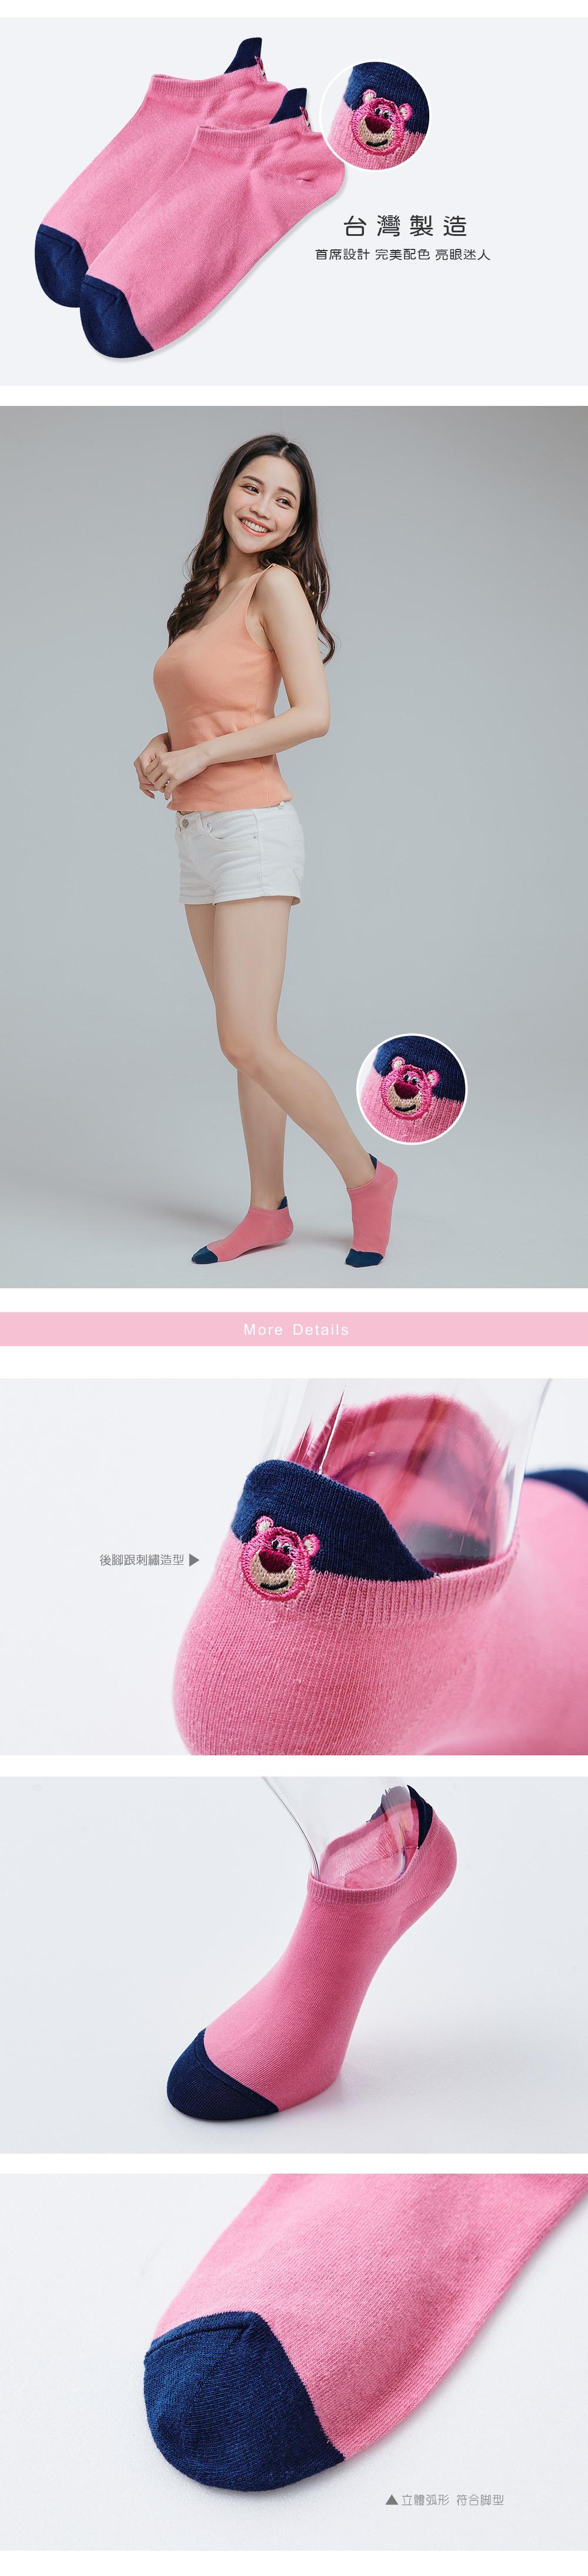 熊抱哥列刺繡船襪-03